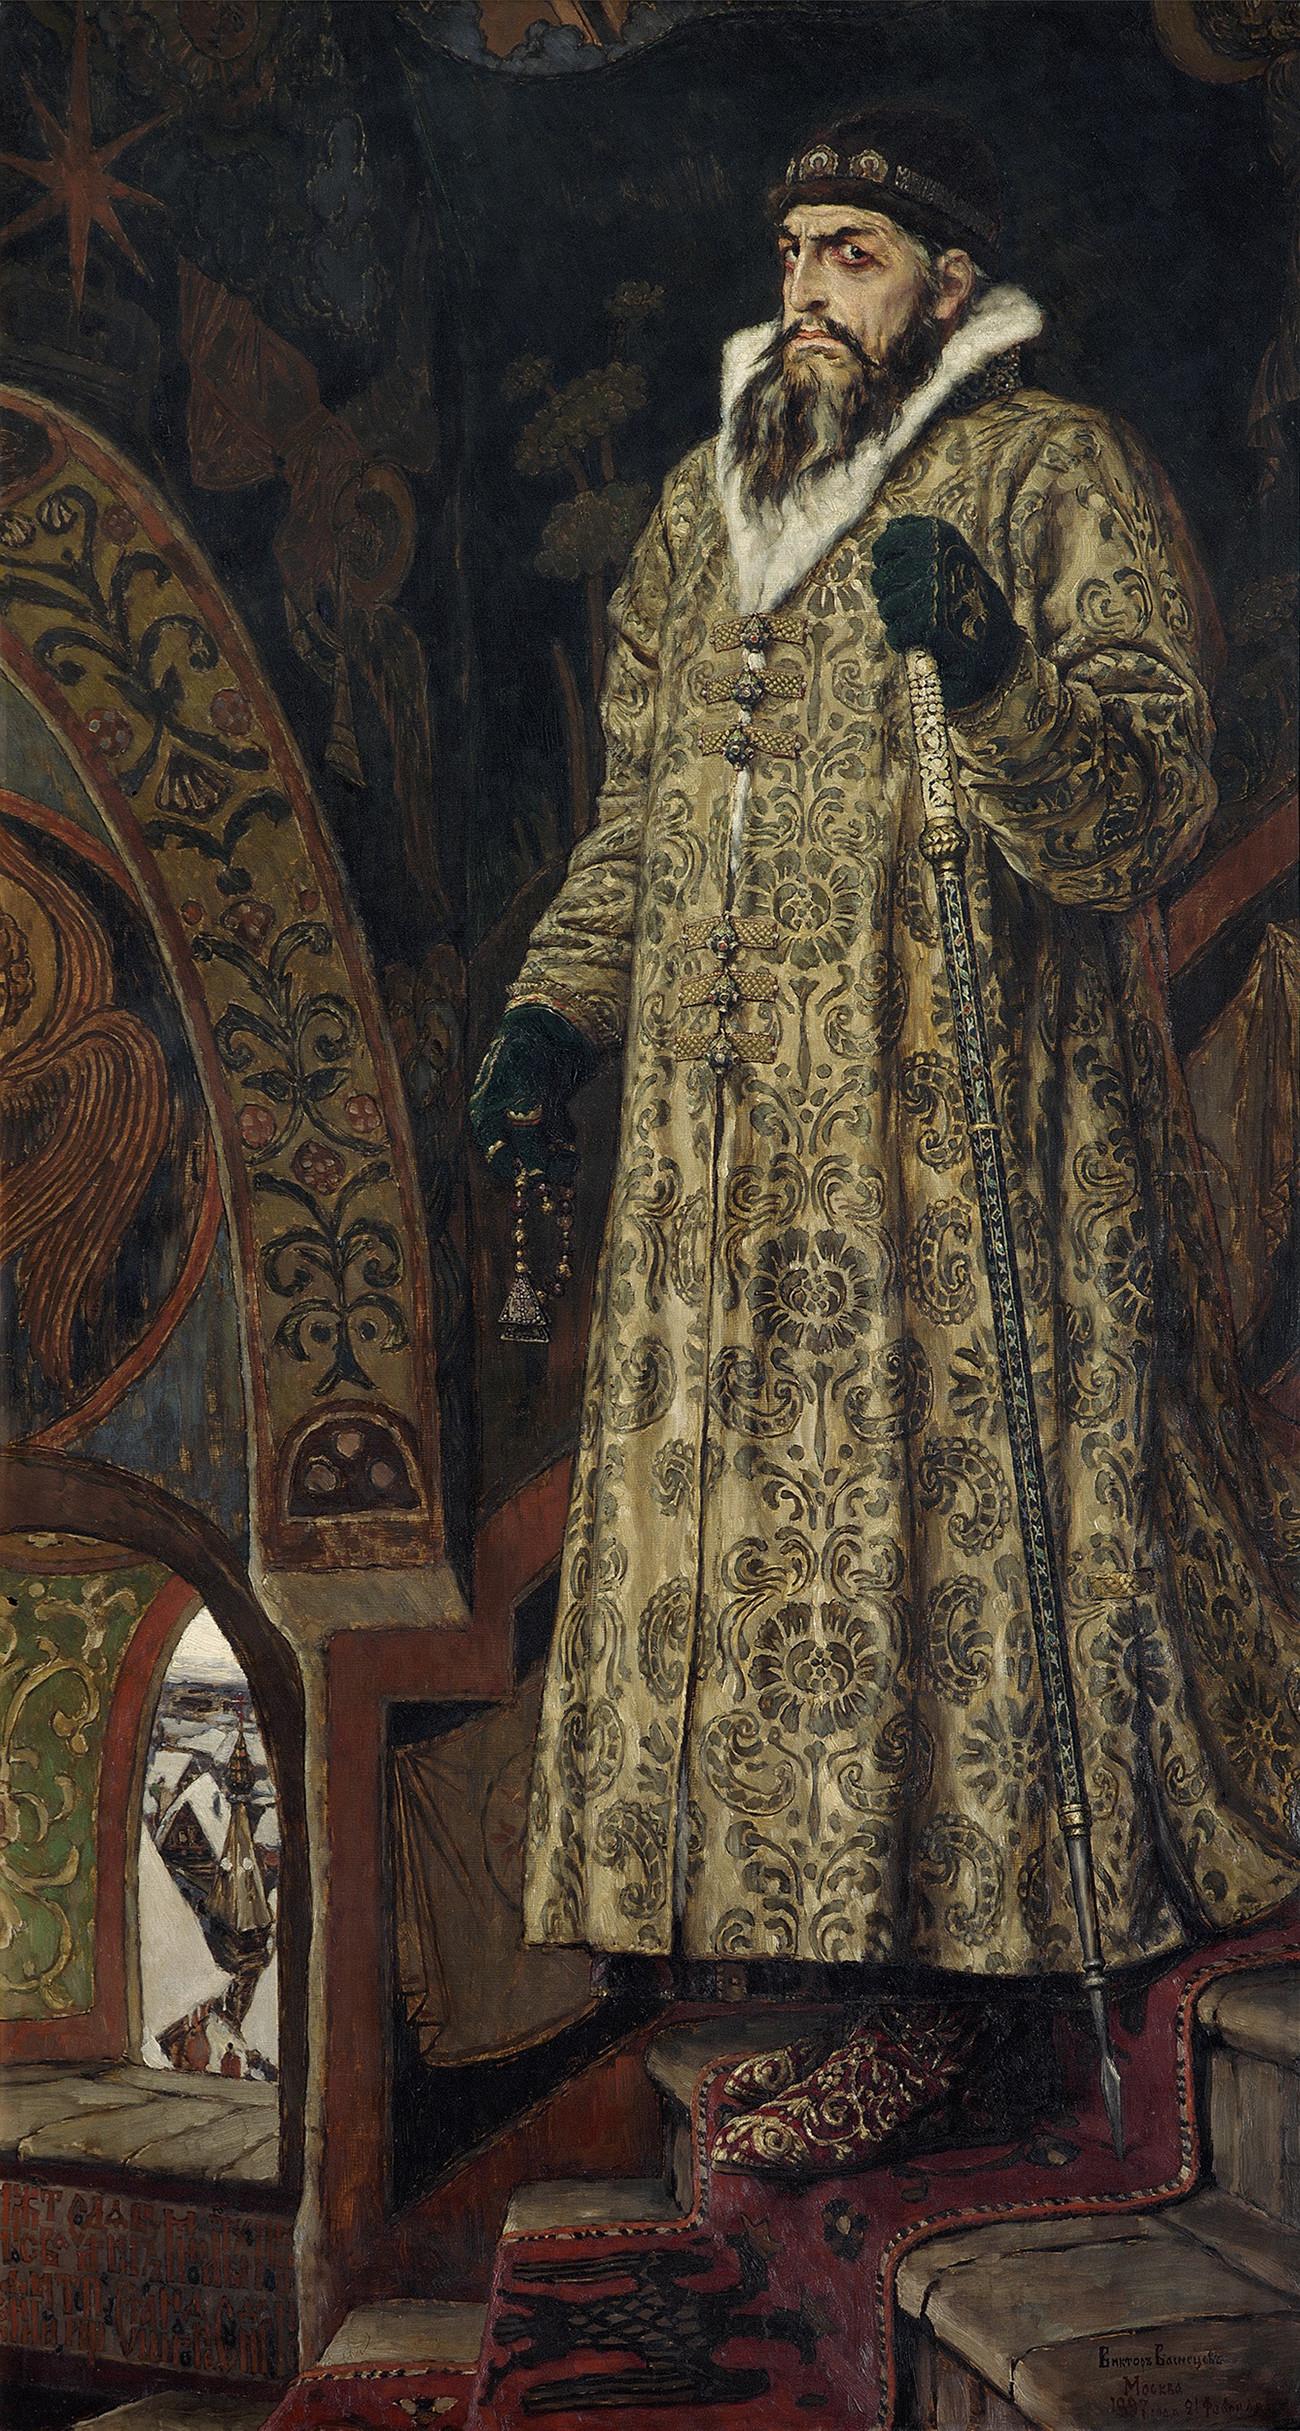 Tsar Ivan Vasilievich yang Mengerikan oleh Viktor Vasnetsov, 1897.